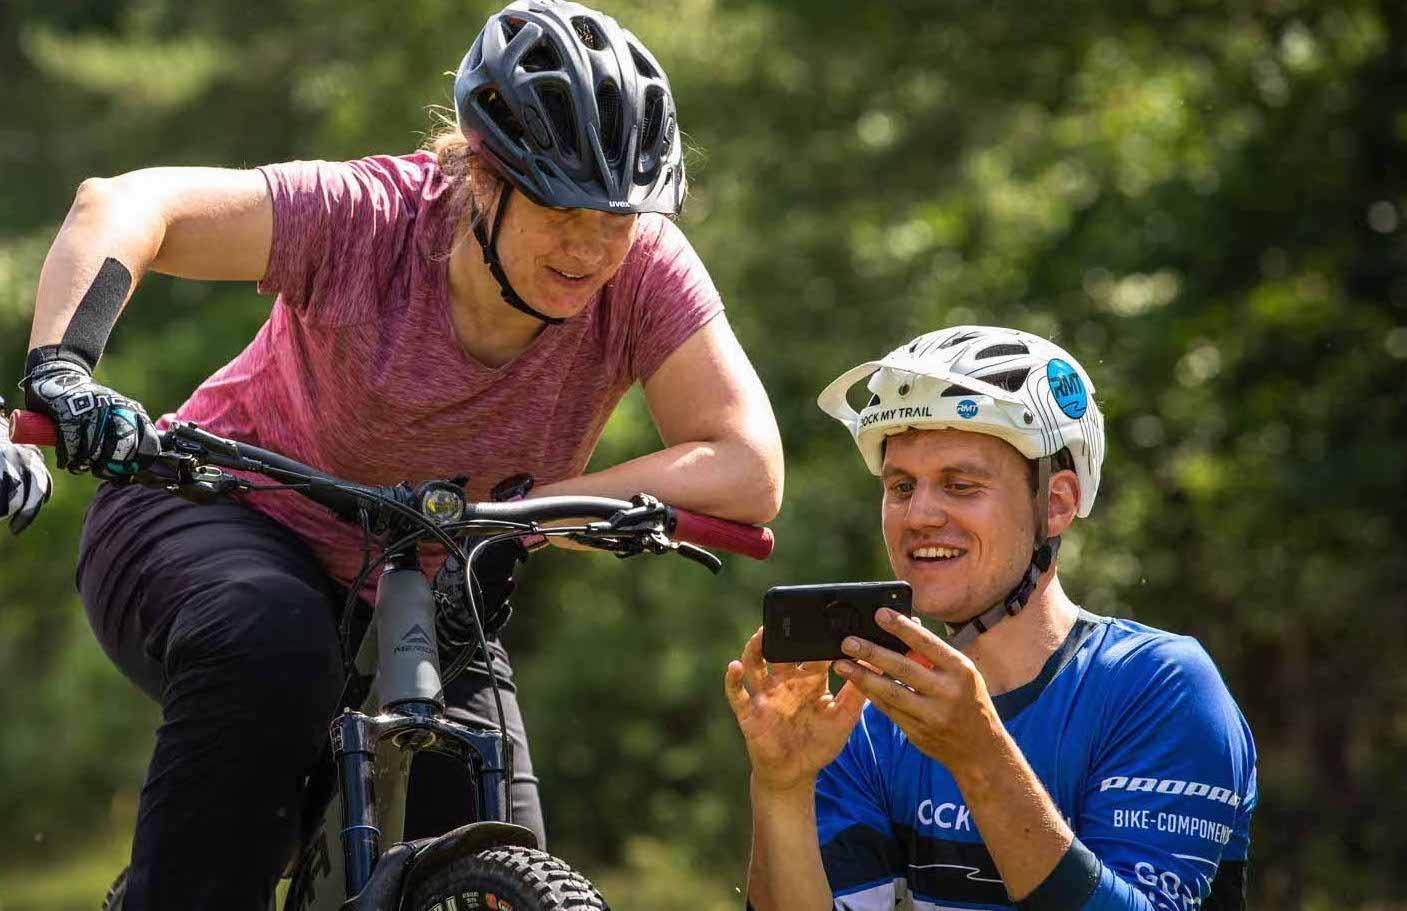 Mountainbike Frauen Fahrtechnik Kurs in München - Rock my Trail